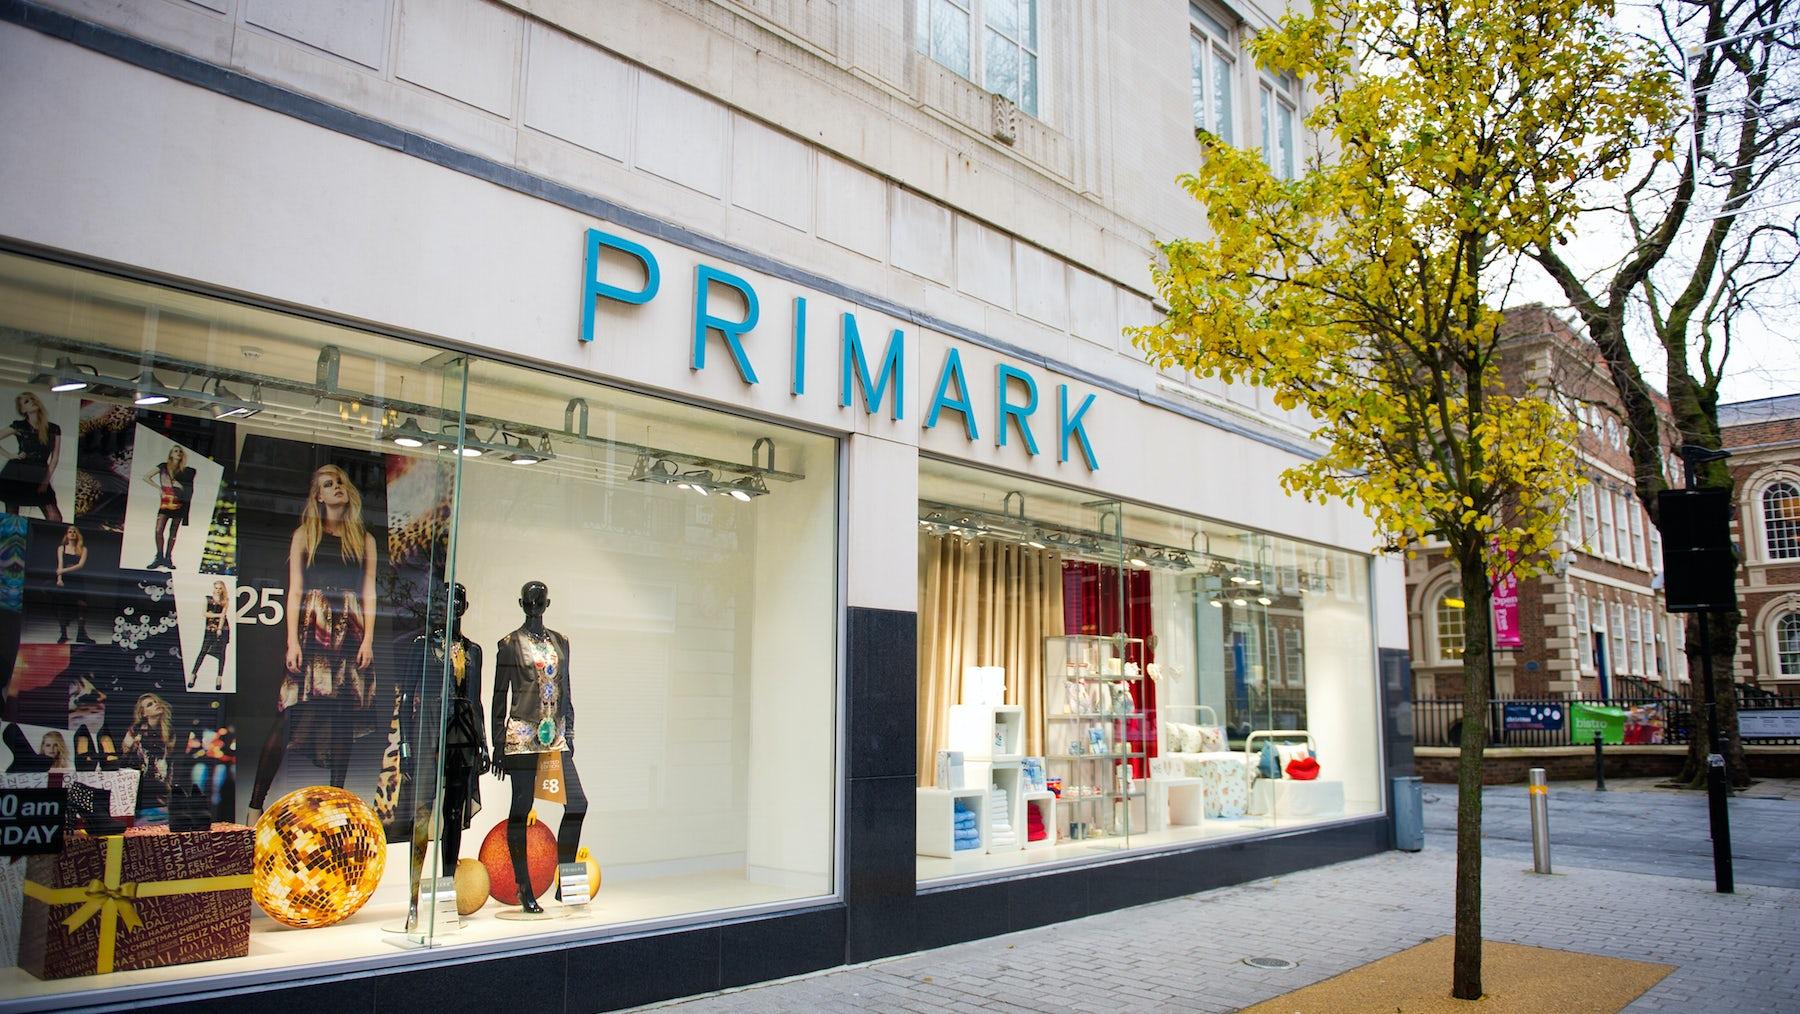 Primark | Source: Shutterstock